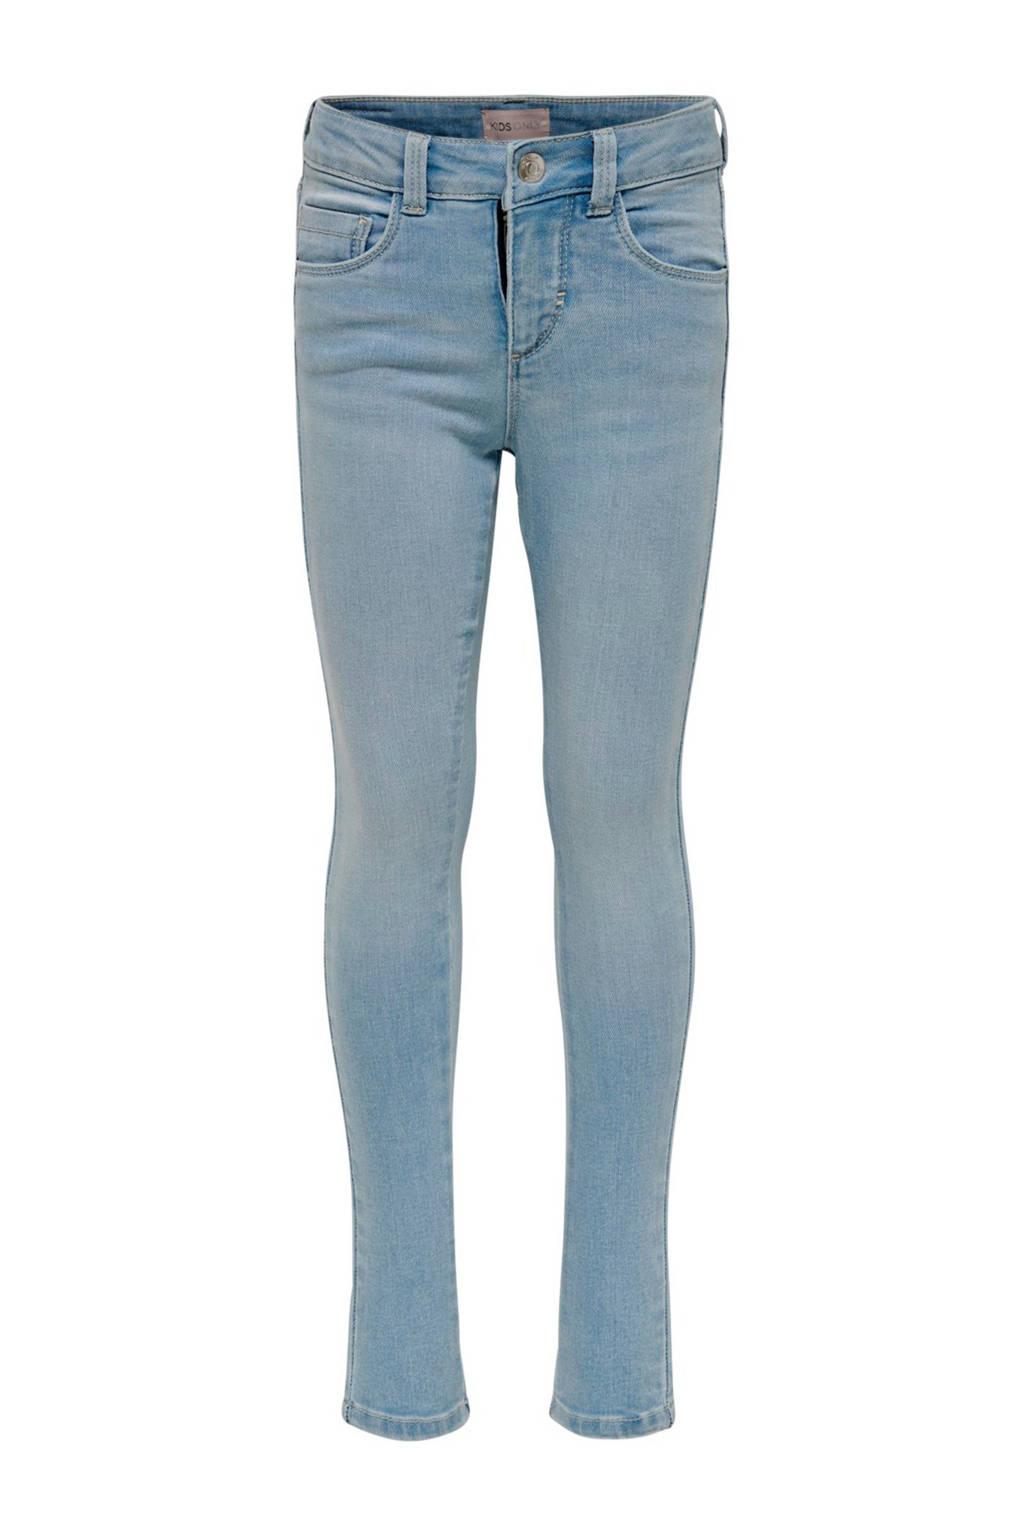 KIDS ONLY skinny jeans Rachel light denim, Light denim